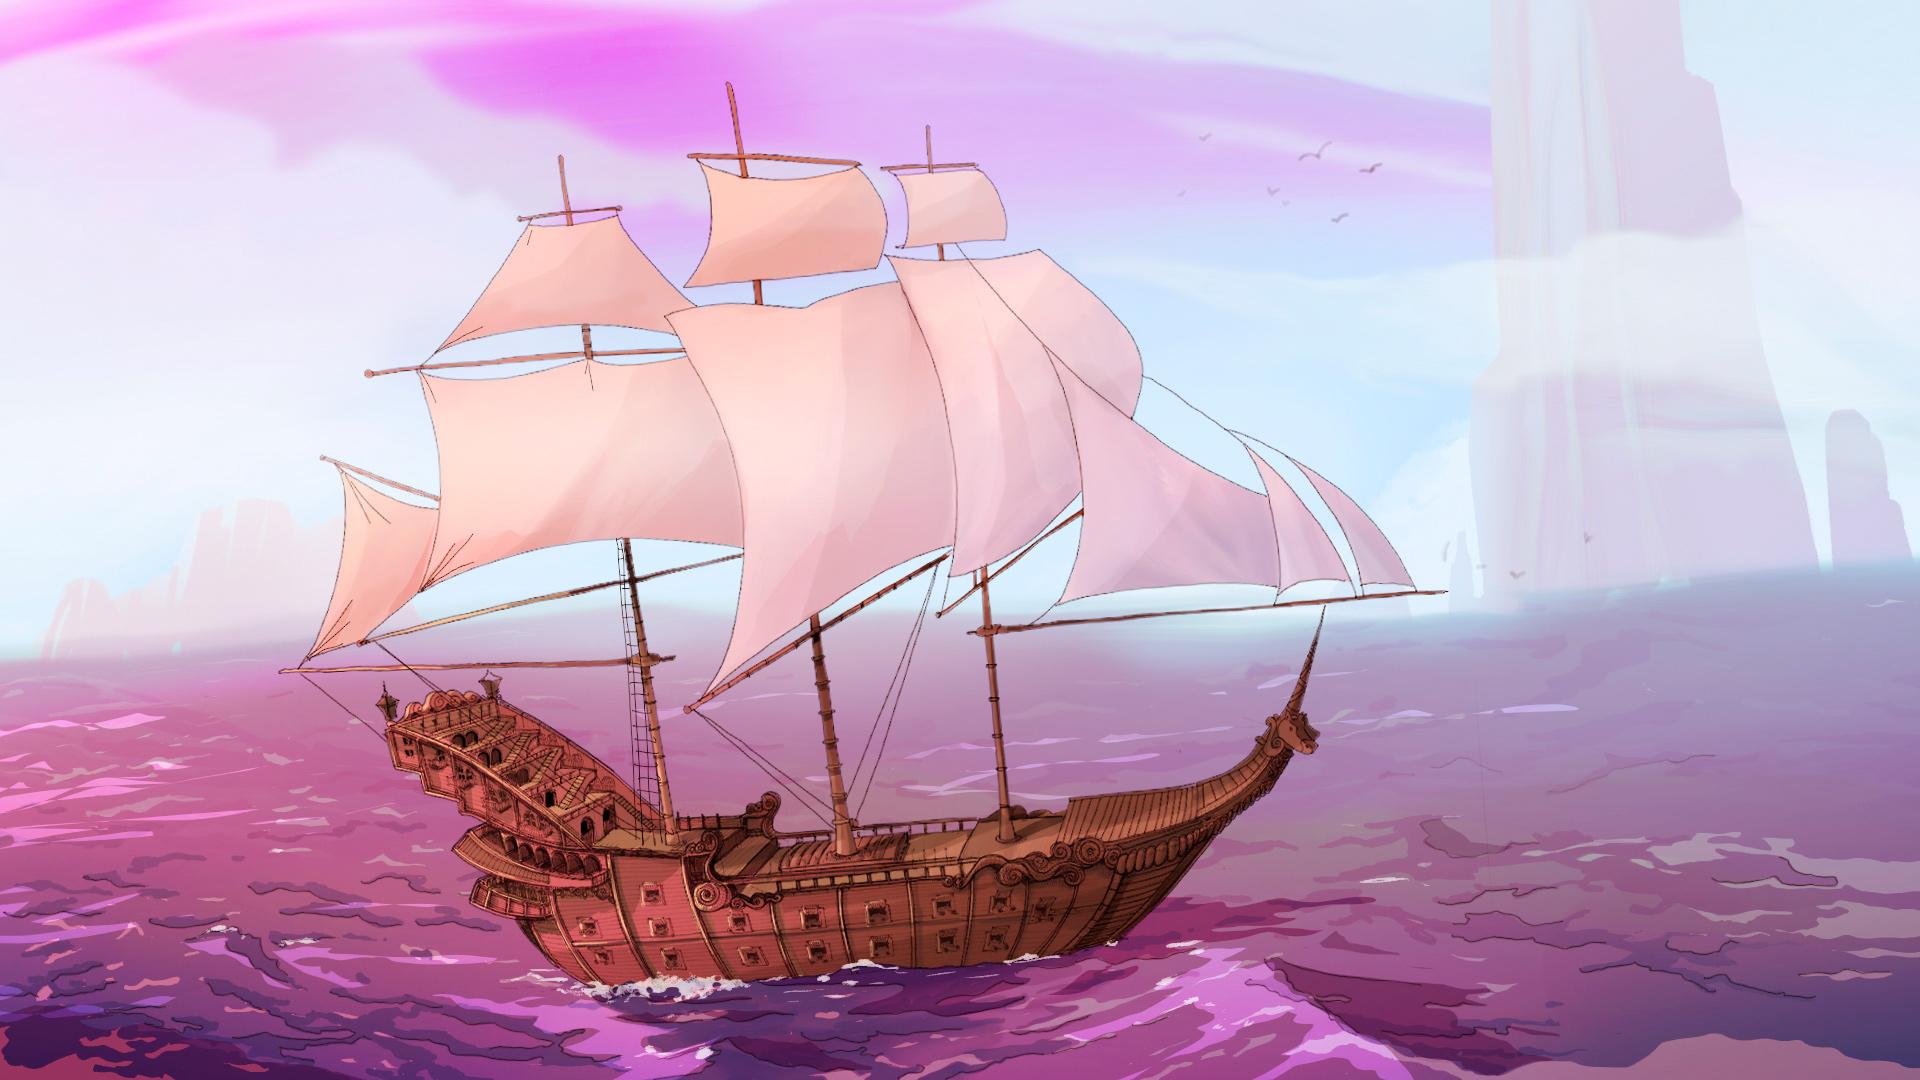 largometraje de animación 2d barco